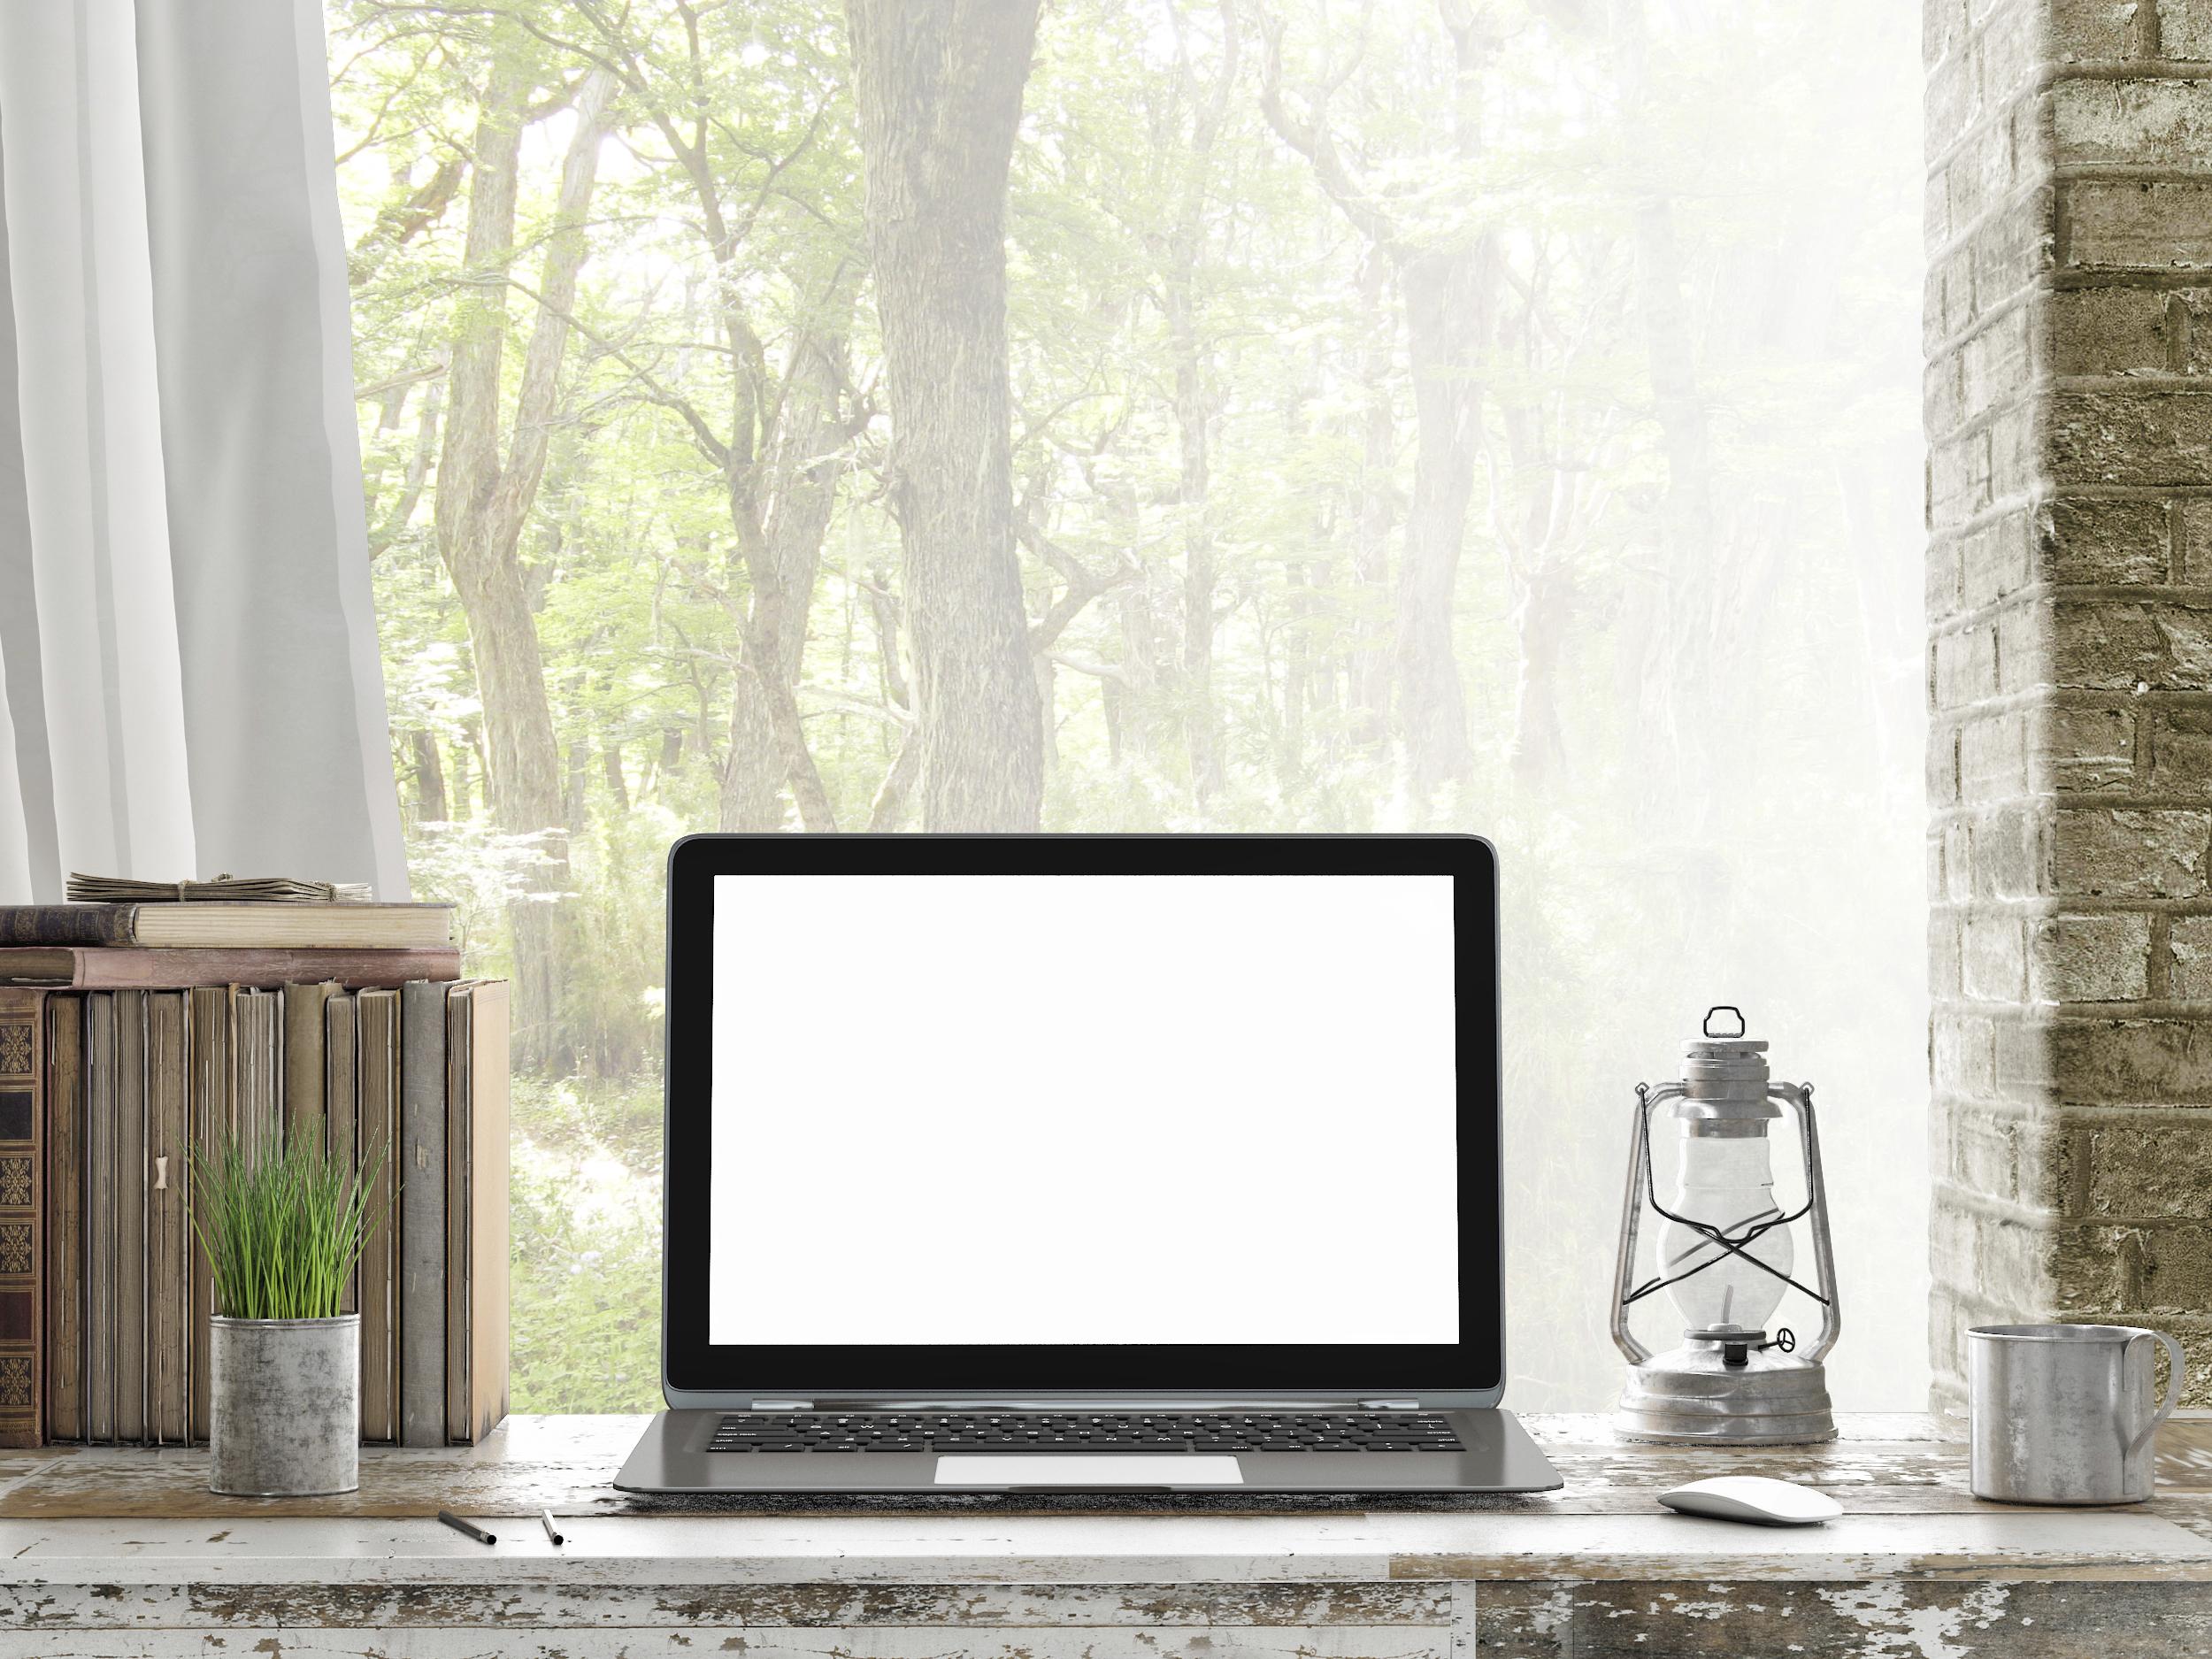 Mock up Laptop, Outdoor view_Medium